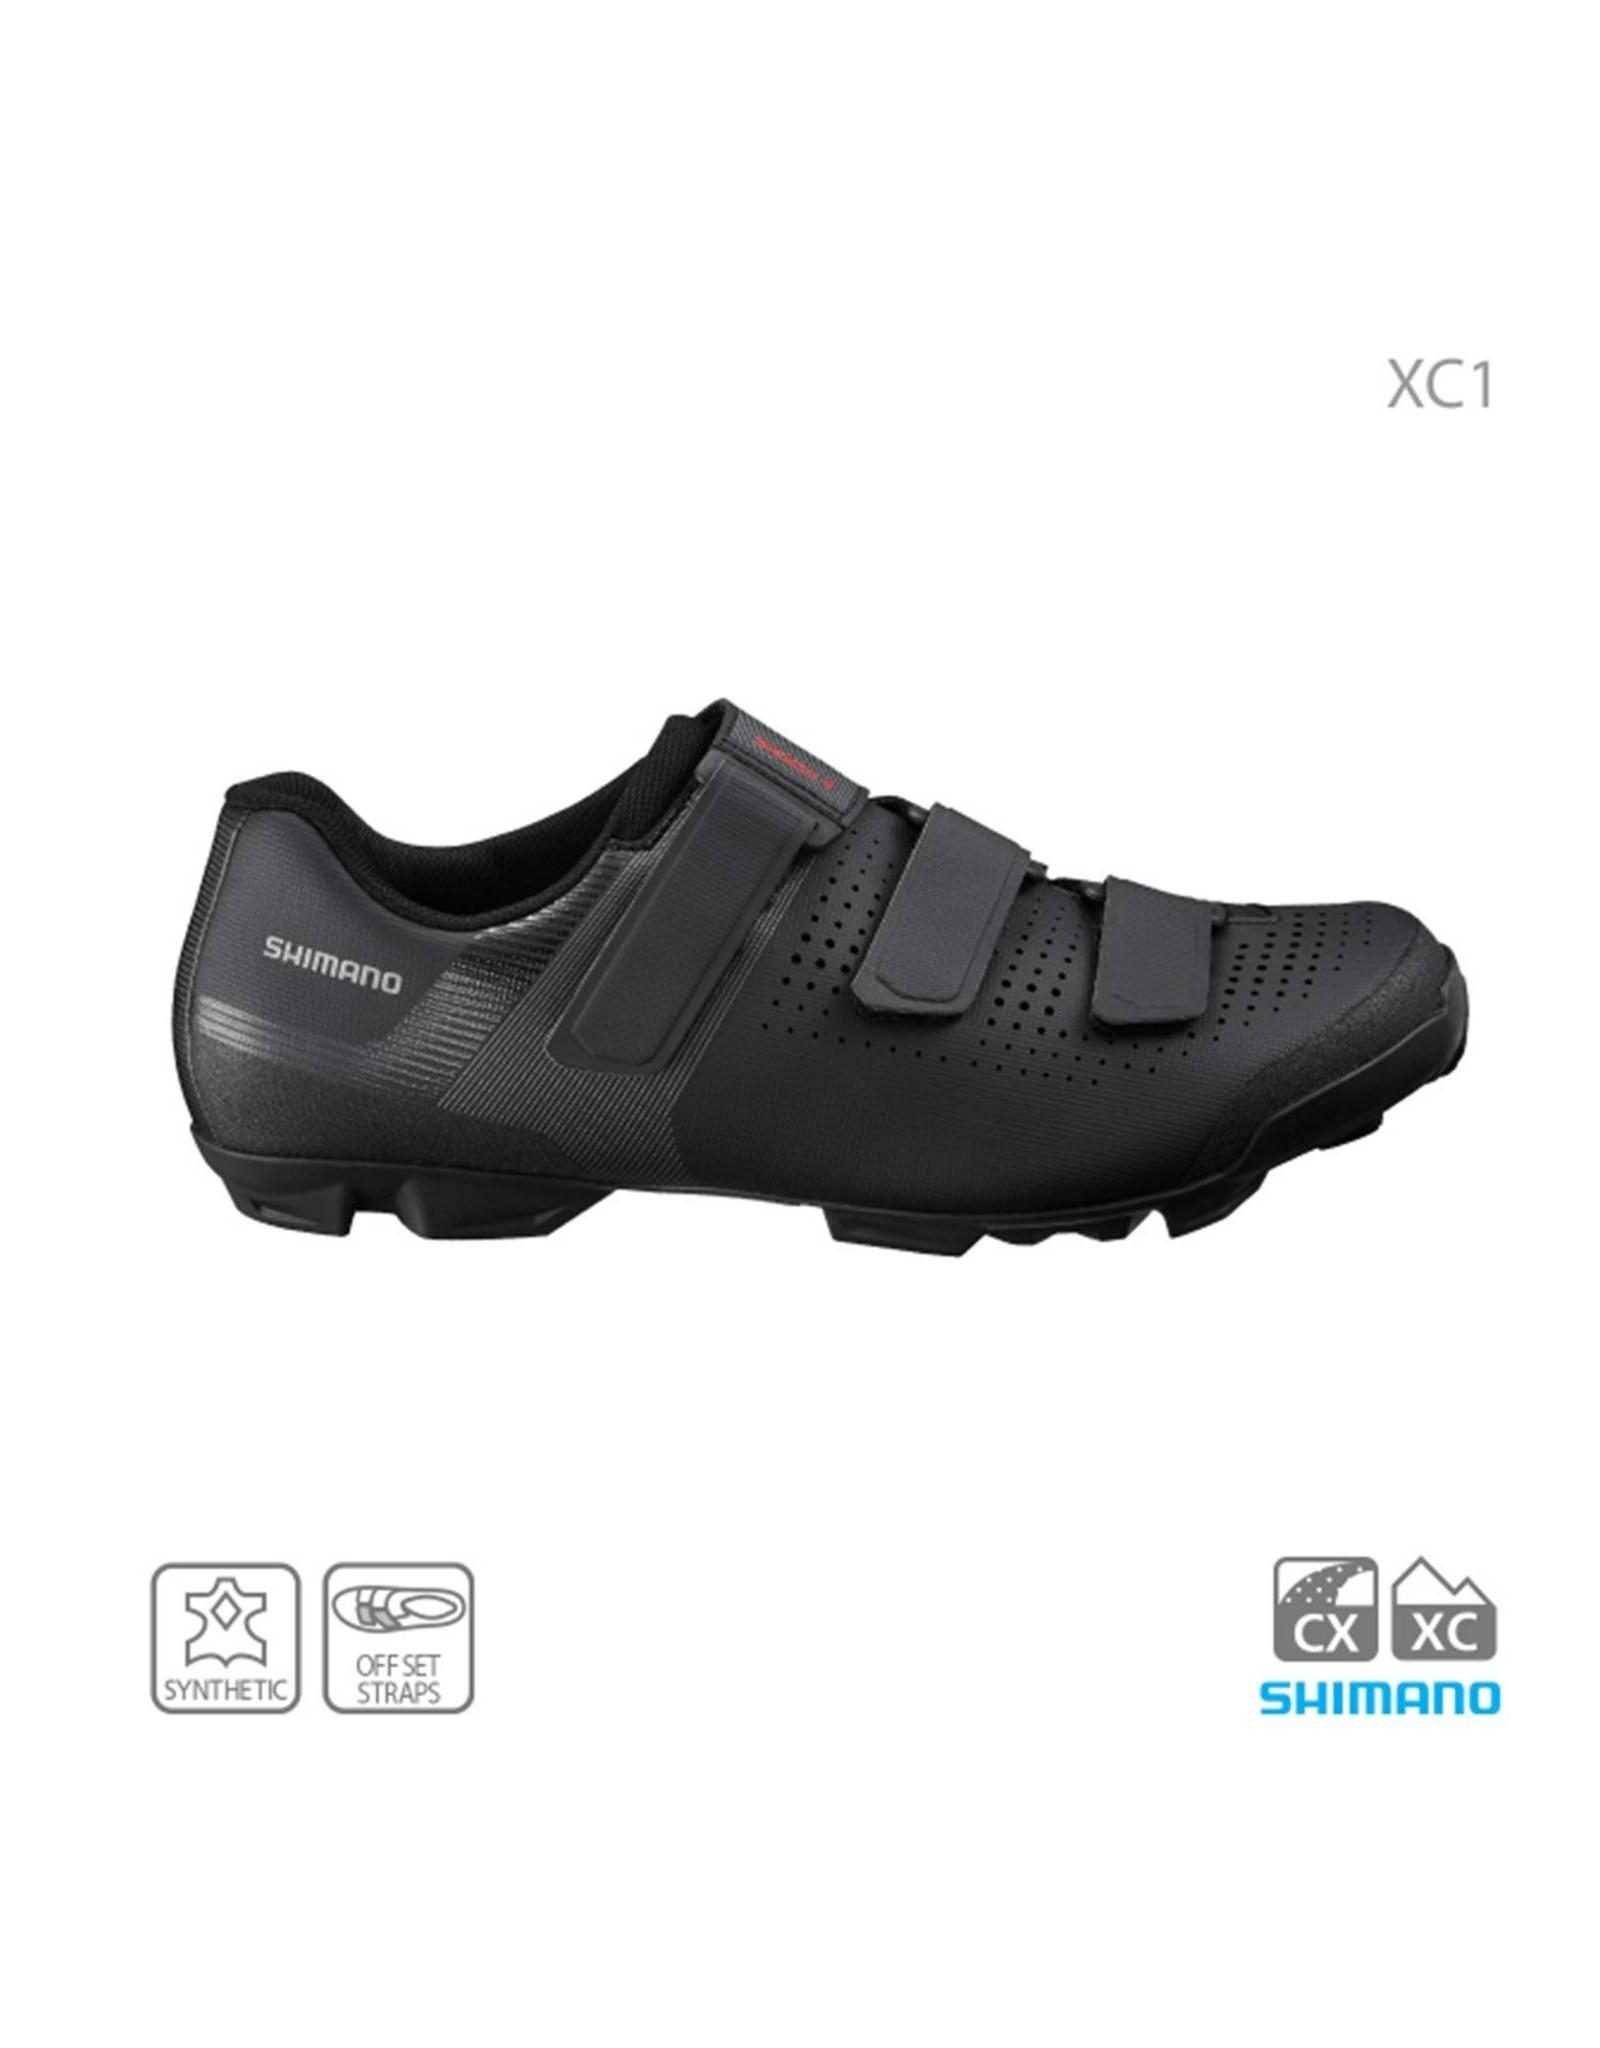 Shimano XC100 MTB Shoes